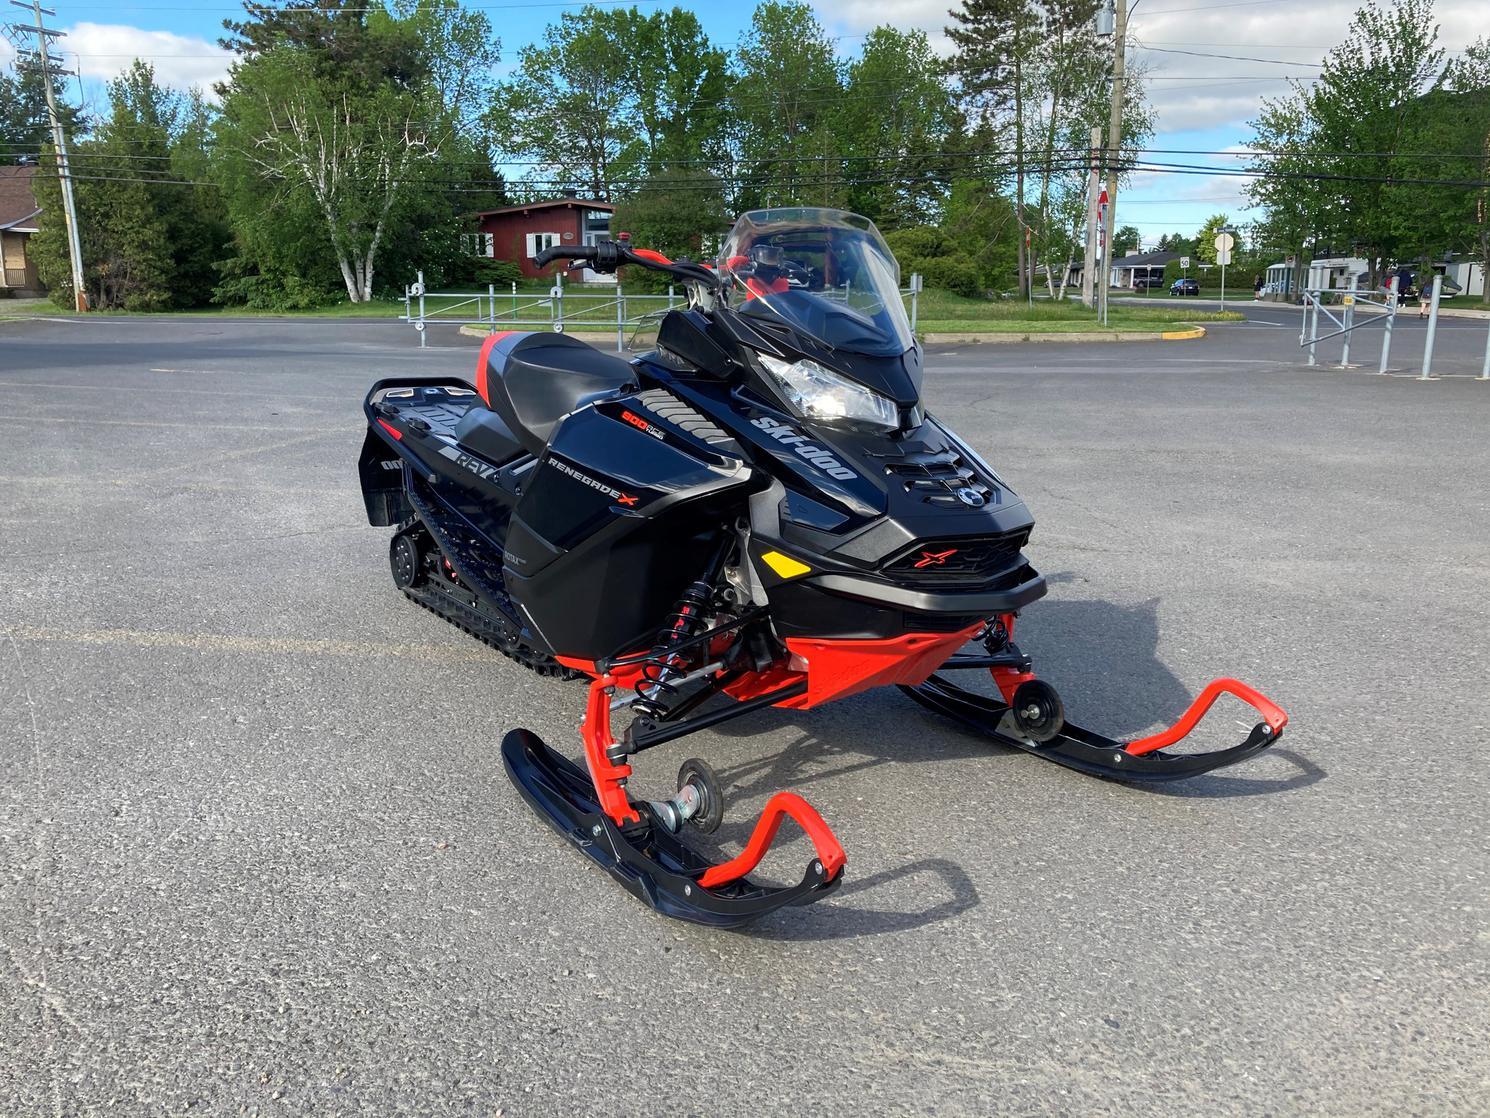 Ski-Doo renegade x 900 Turbo 2020